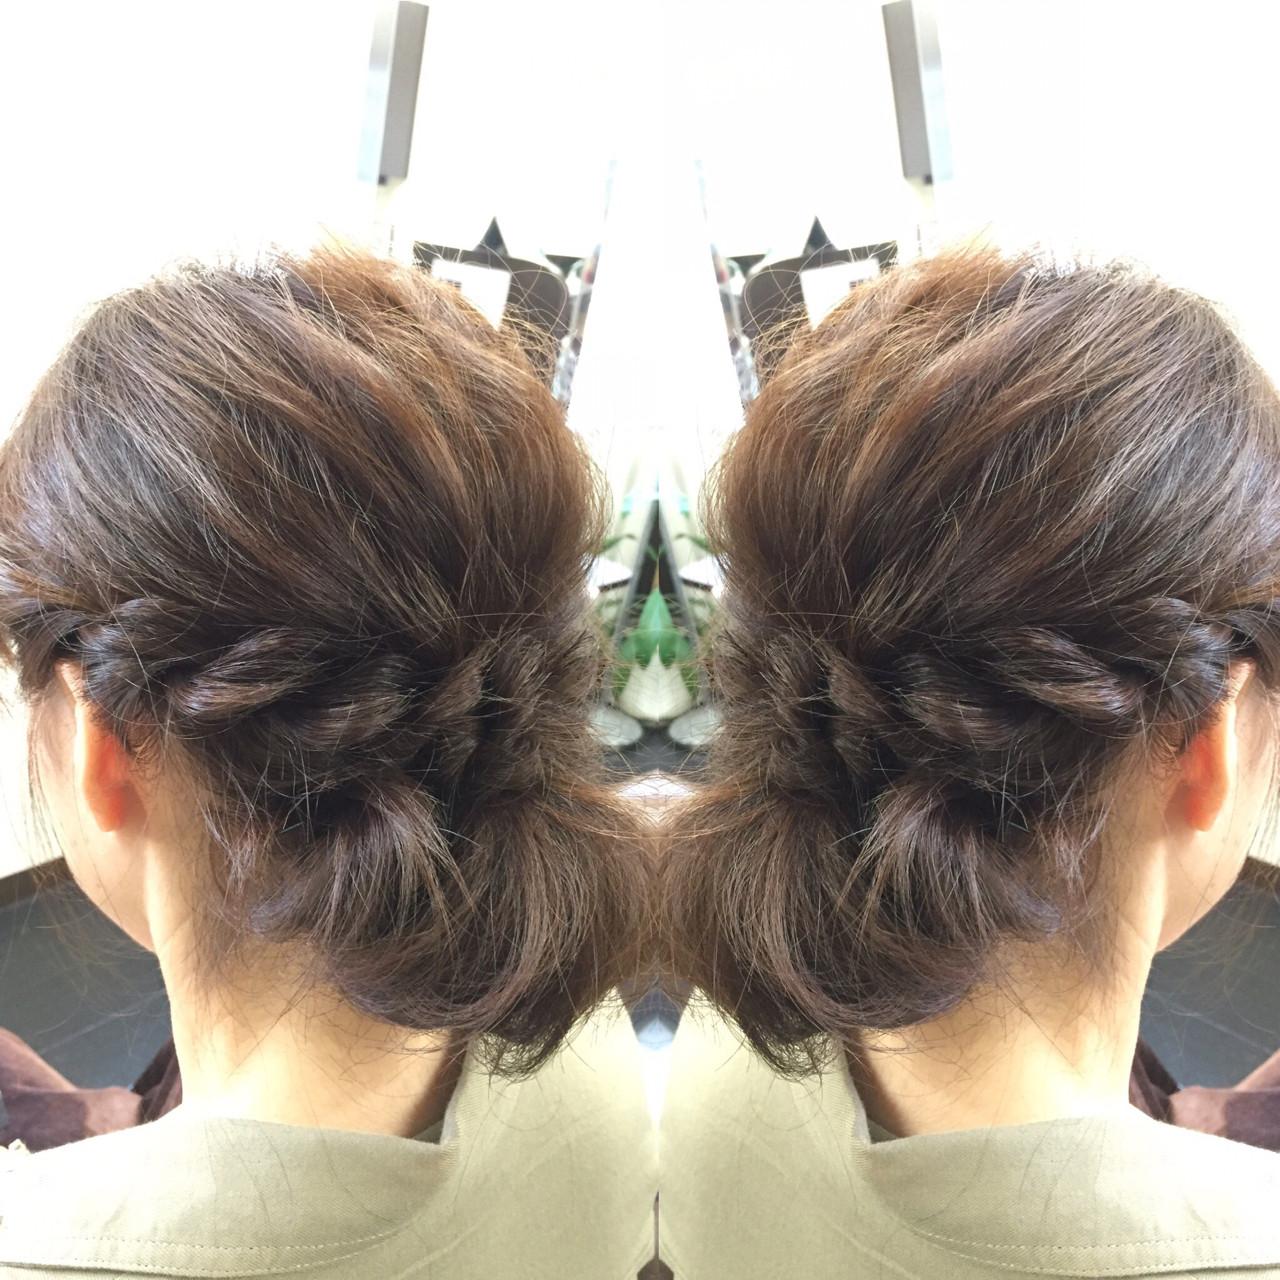 フェミニン ヘアアレンジ ショート 簡単ヘアアレンジ ヘアスタイルや髪型の写真・画像 | 佐藤 允美 / Hair Space  ACT  LOCALLY(アクトローカリー)